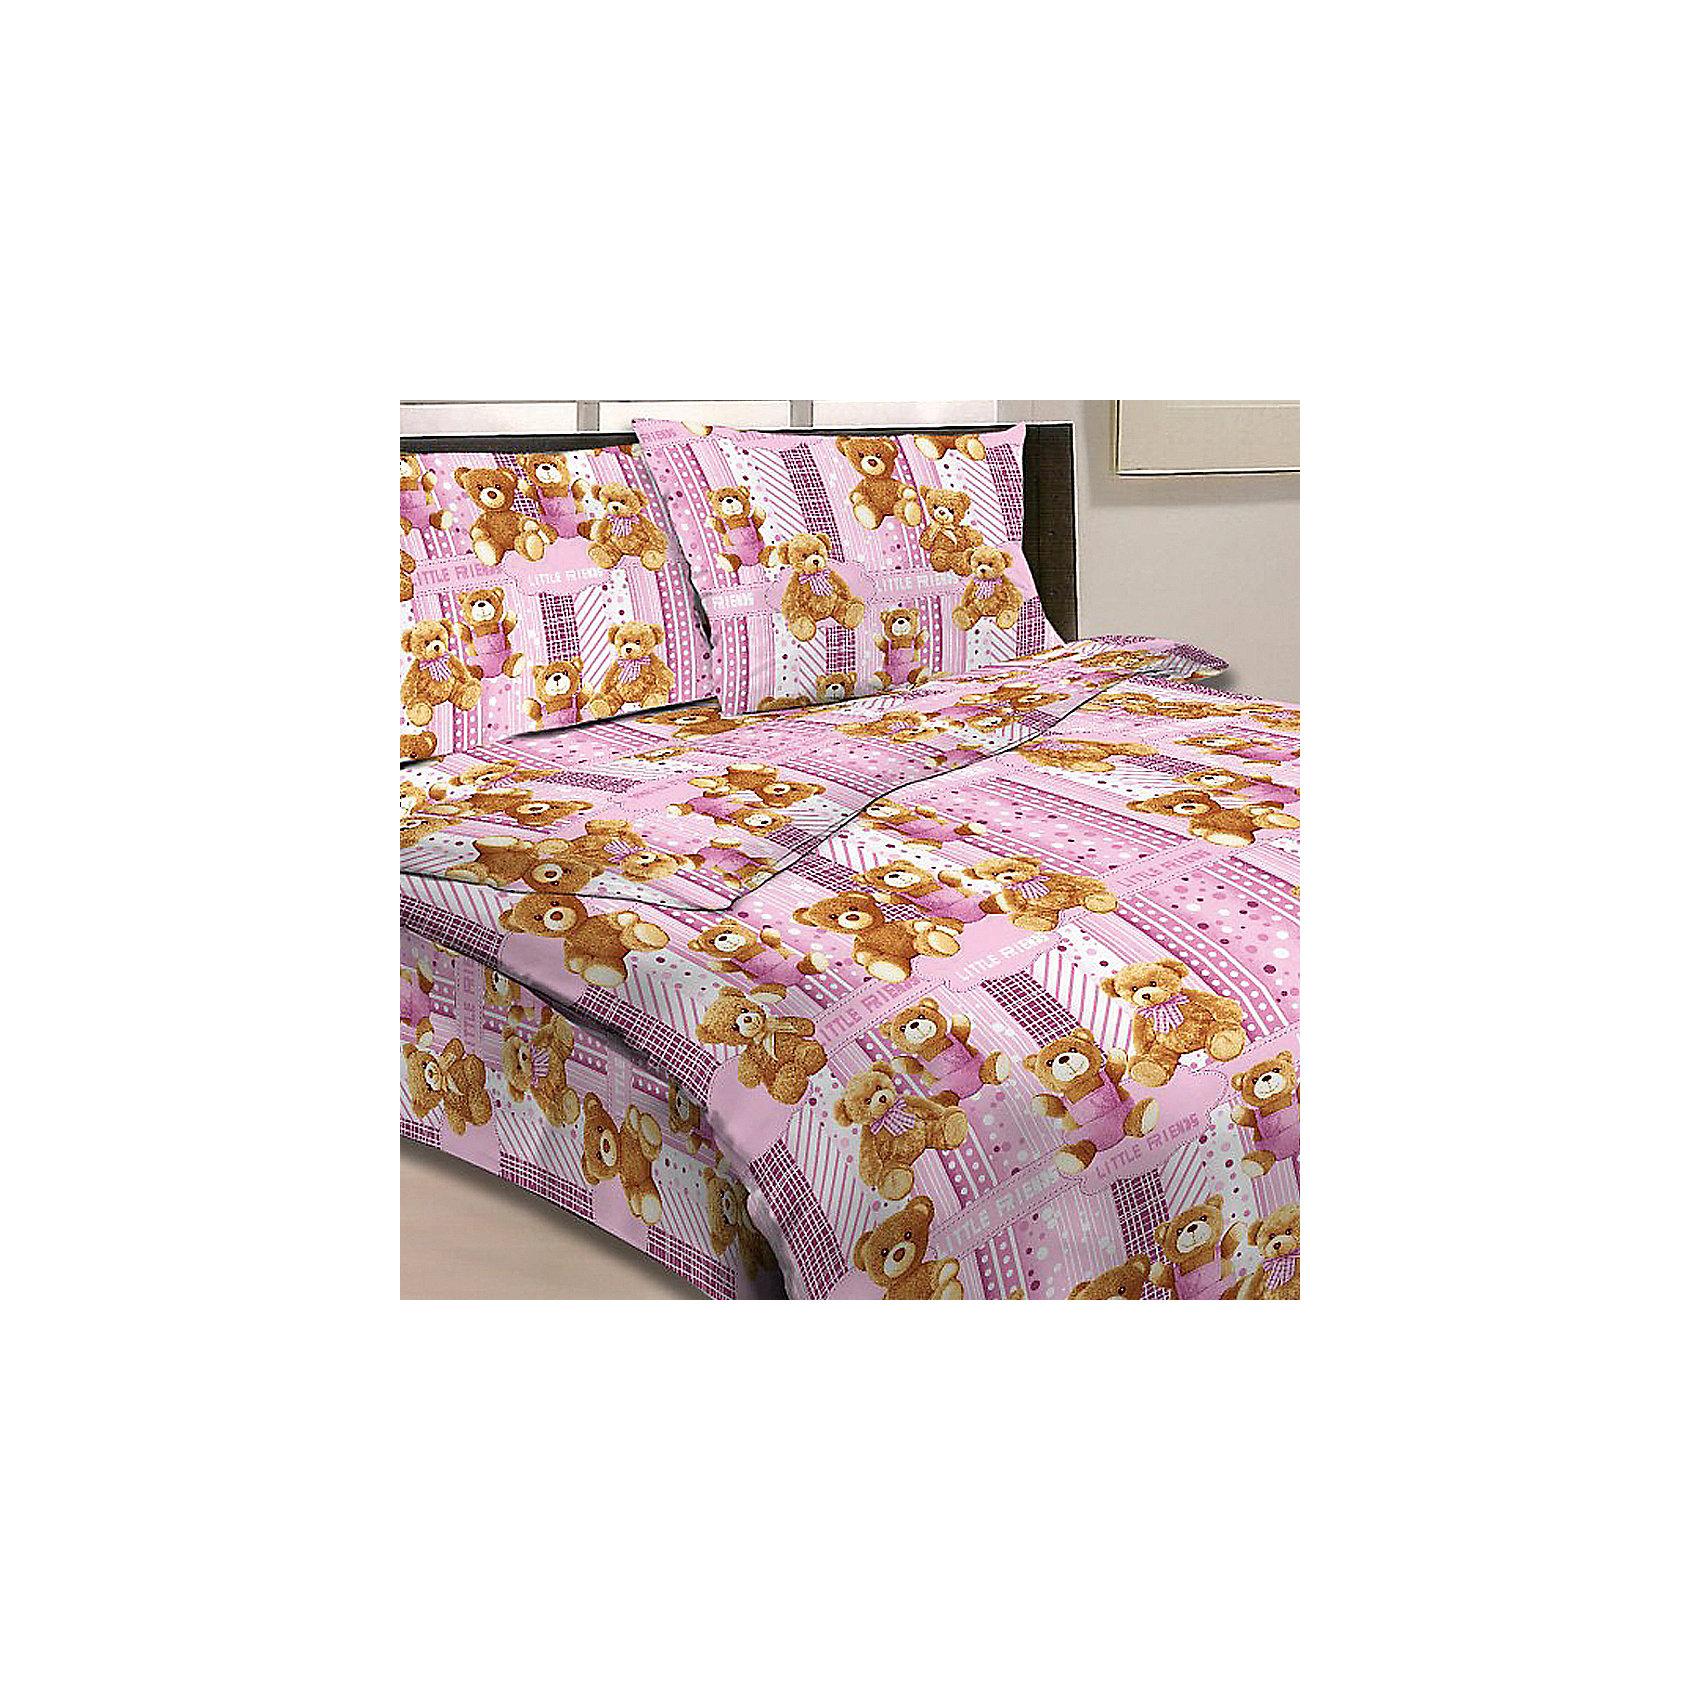 Letto Розовый комплект Мишки 1,5-спальный (наволочка 50х70см), Letto комплект сакура розовый размер 1 5 спальный